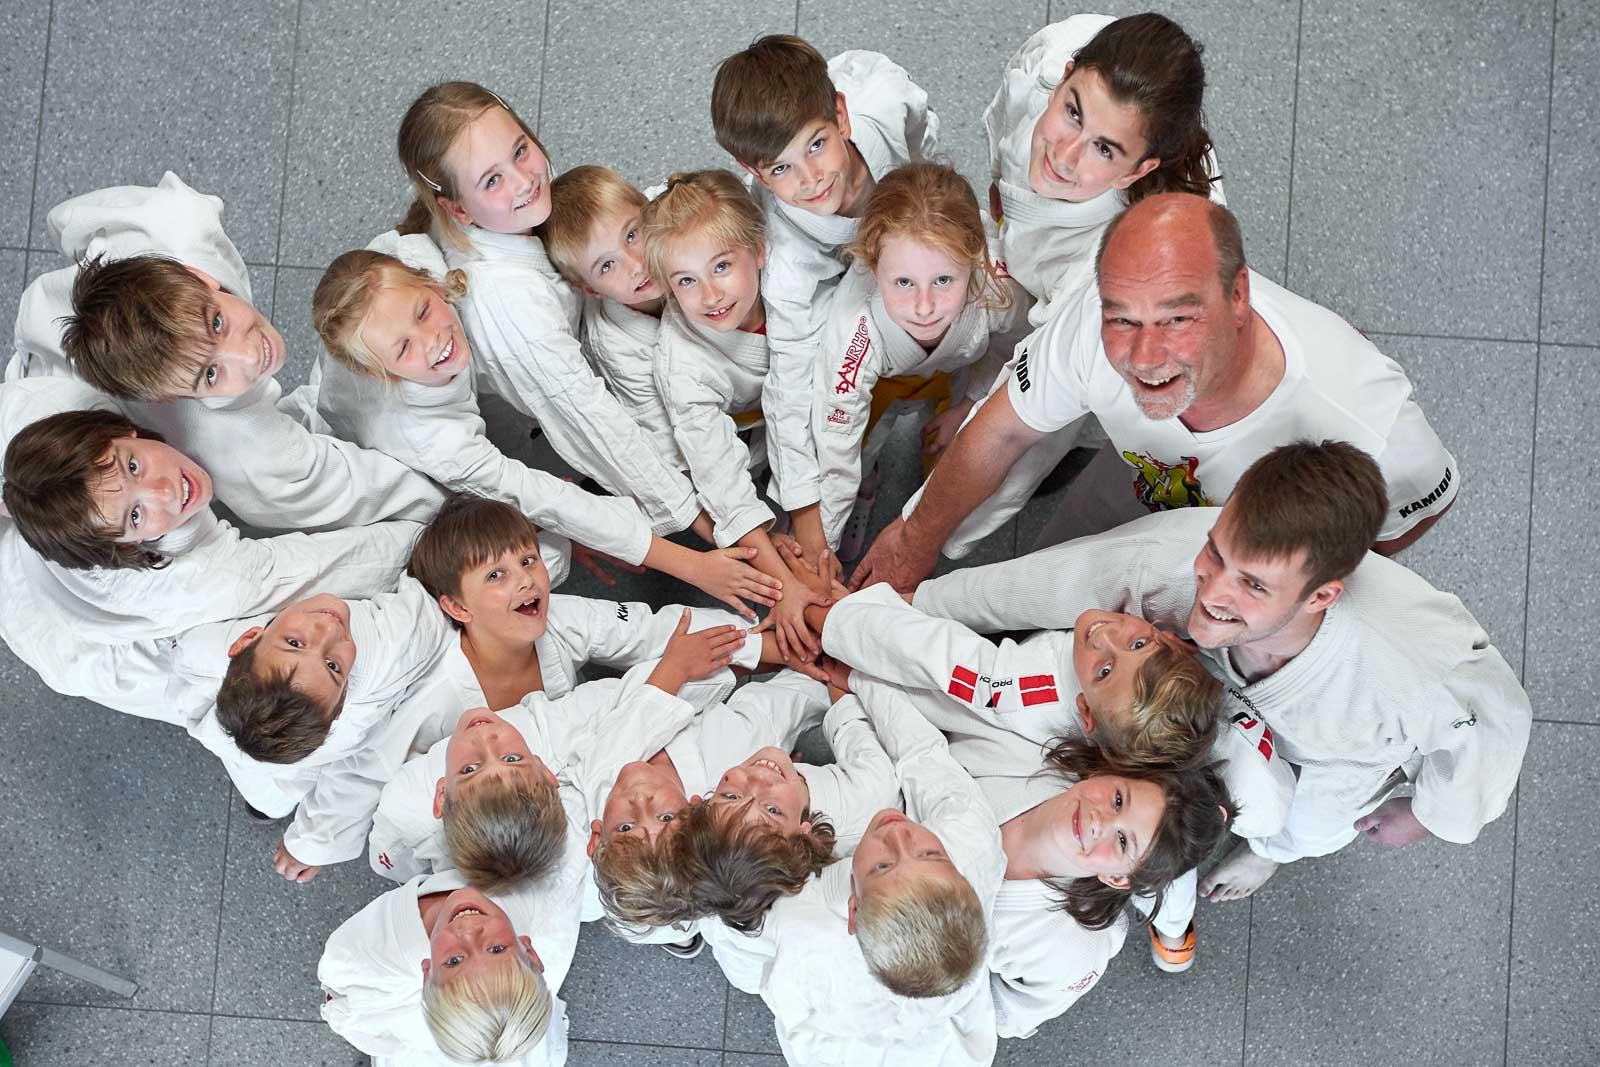 Vereinsmitglieder bilden einen Kreis und legen Hände zusammen